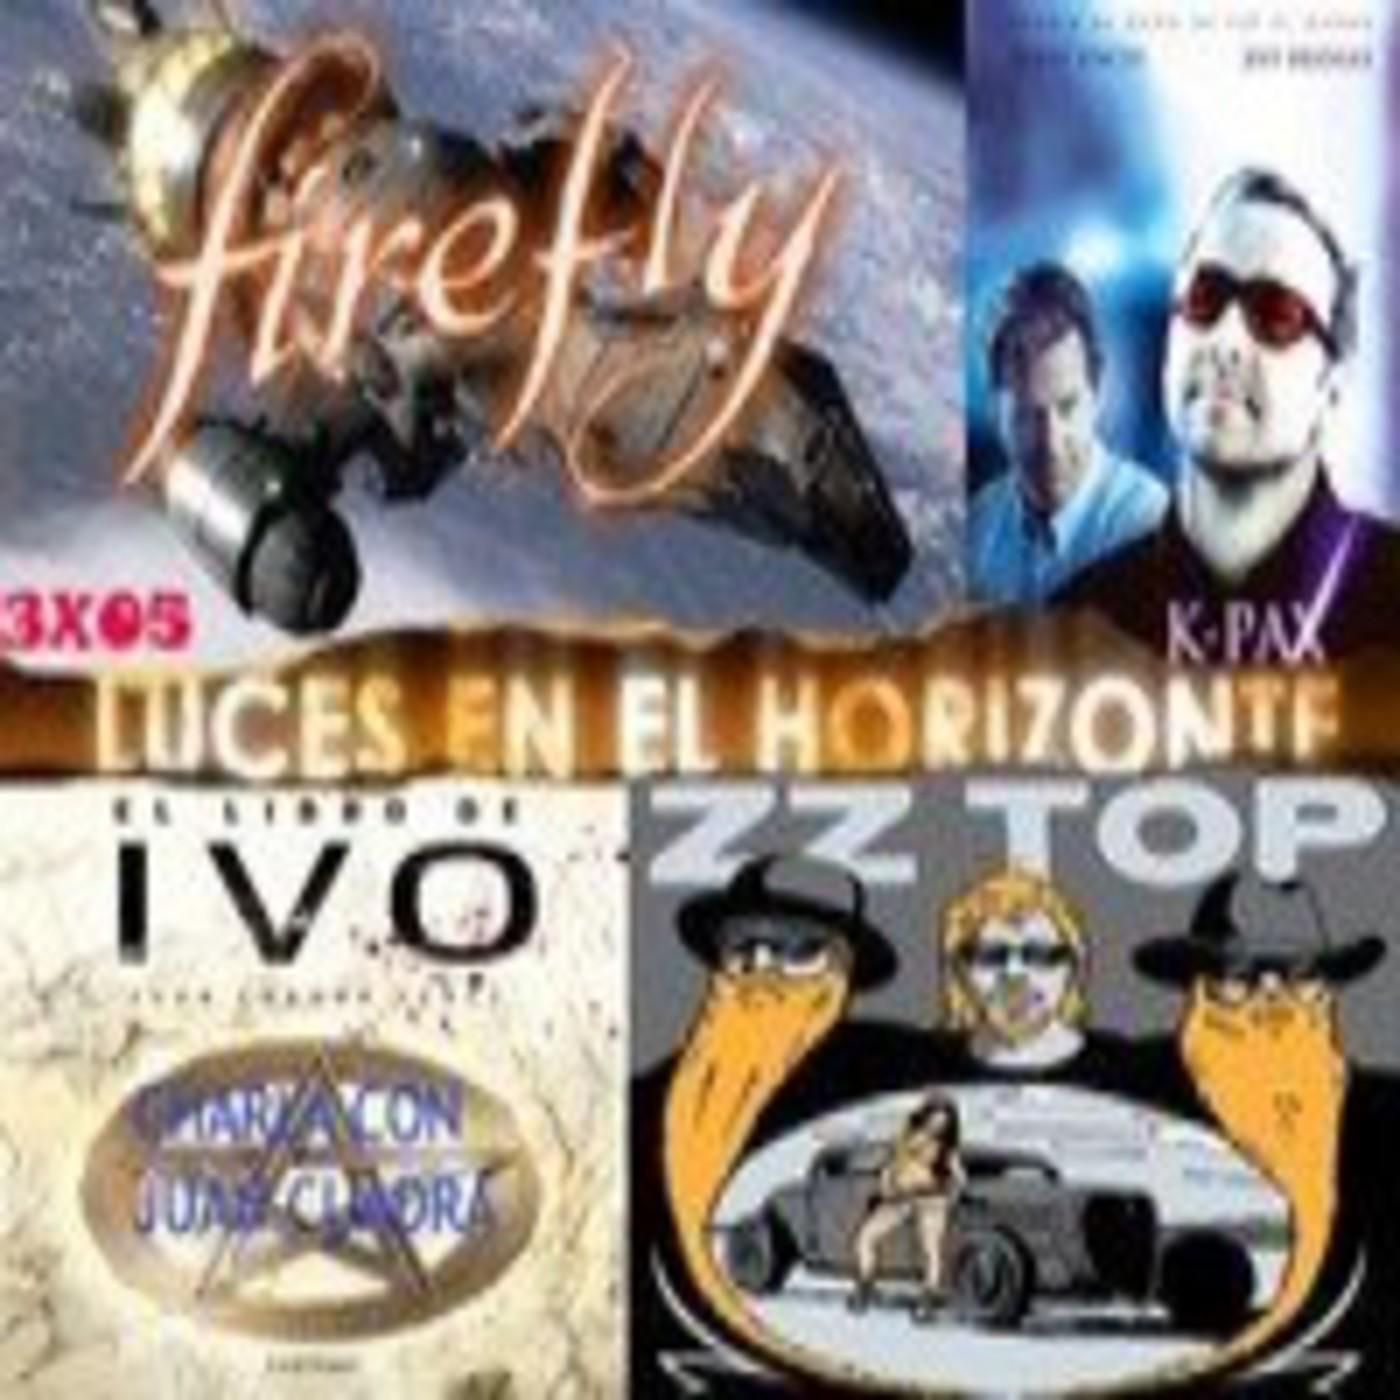 Luces en el Horizonte 3X05: Firefly, ZZTop, El libro de IVO con Juan Cuadra Pérez, K-PAX